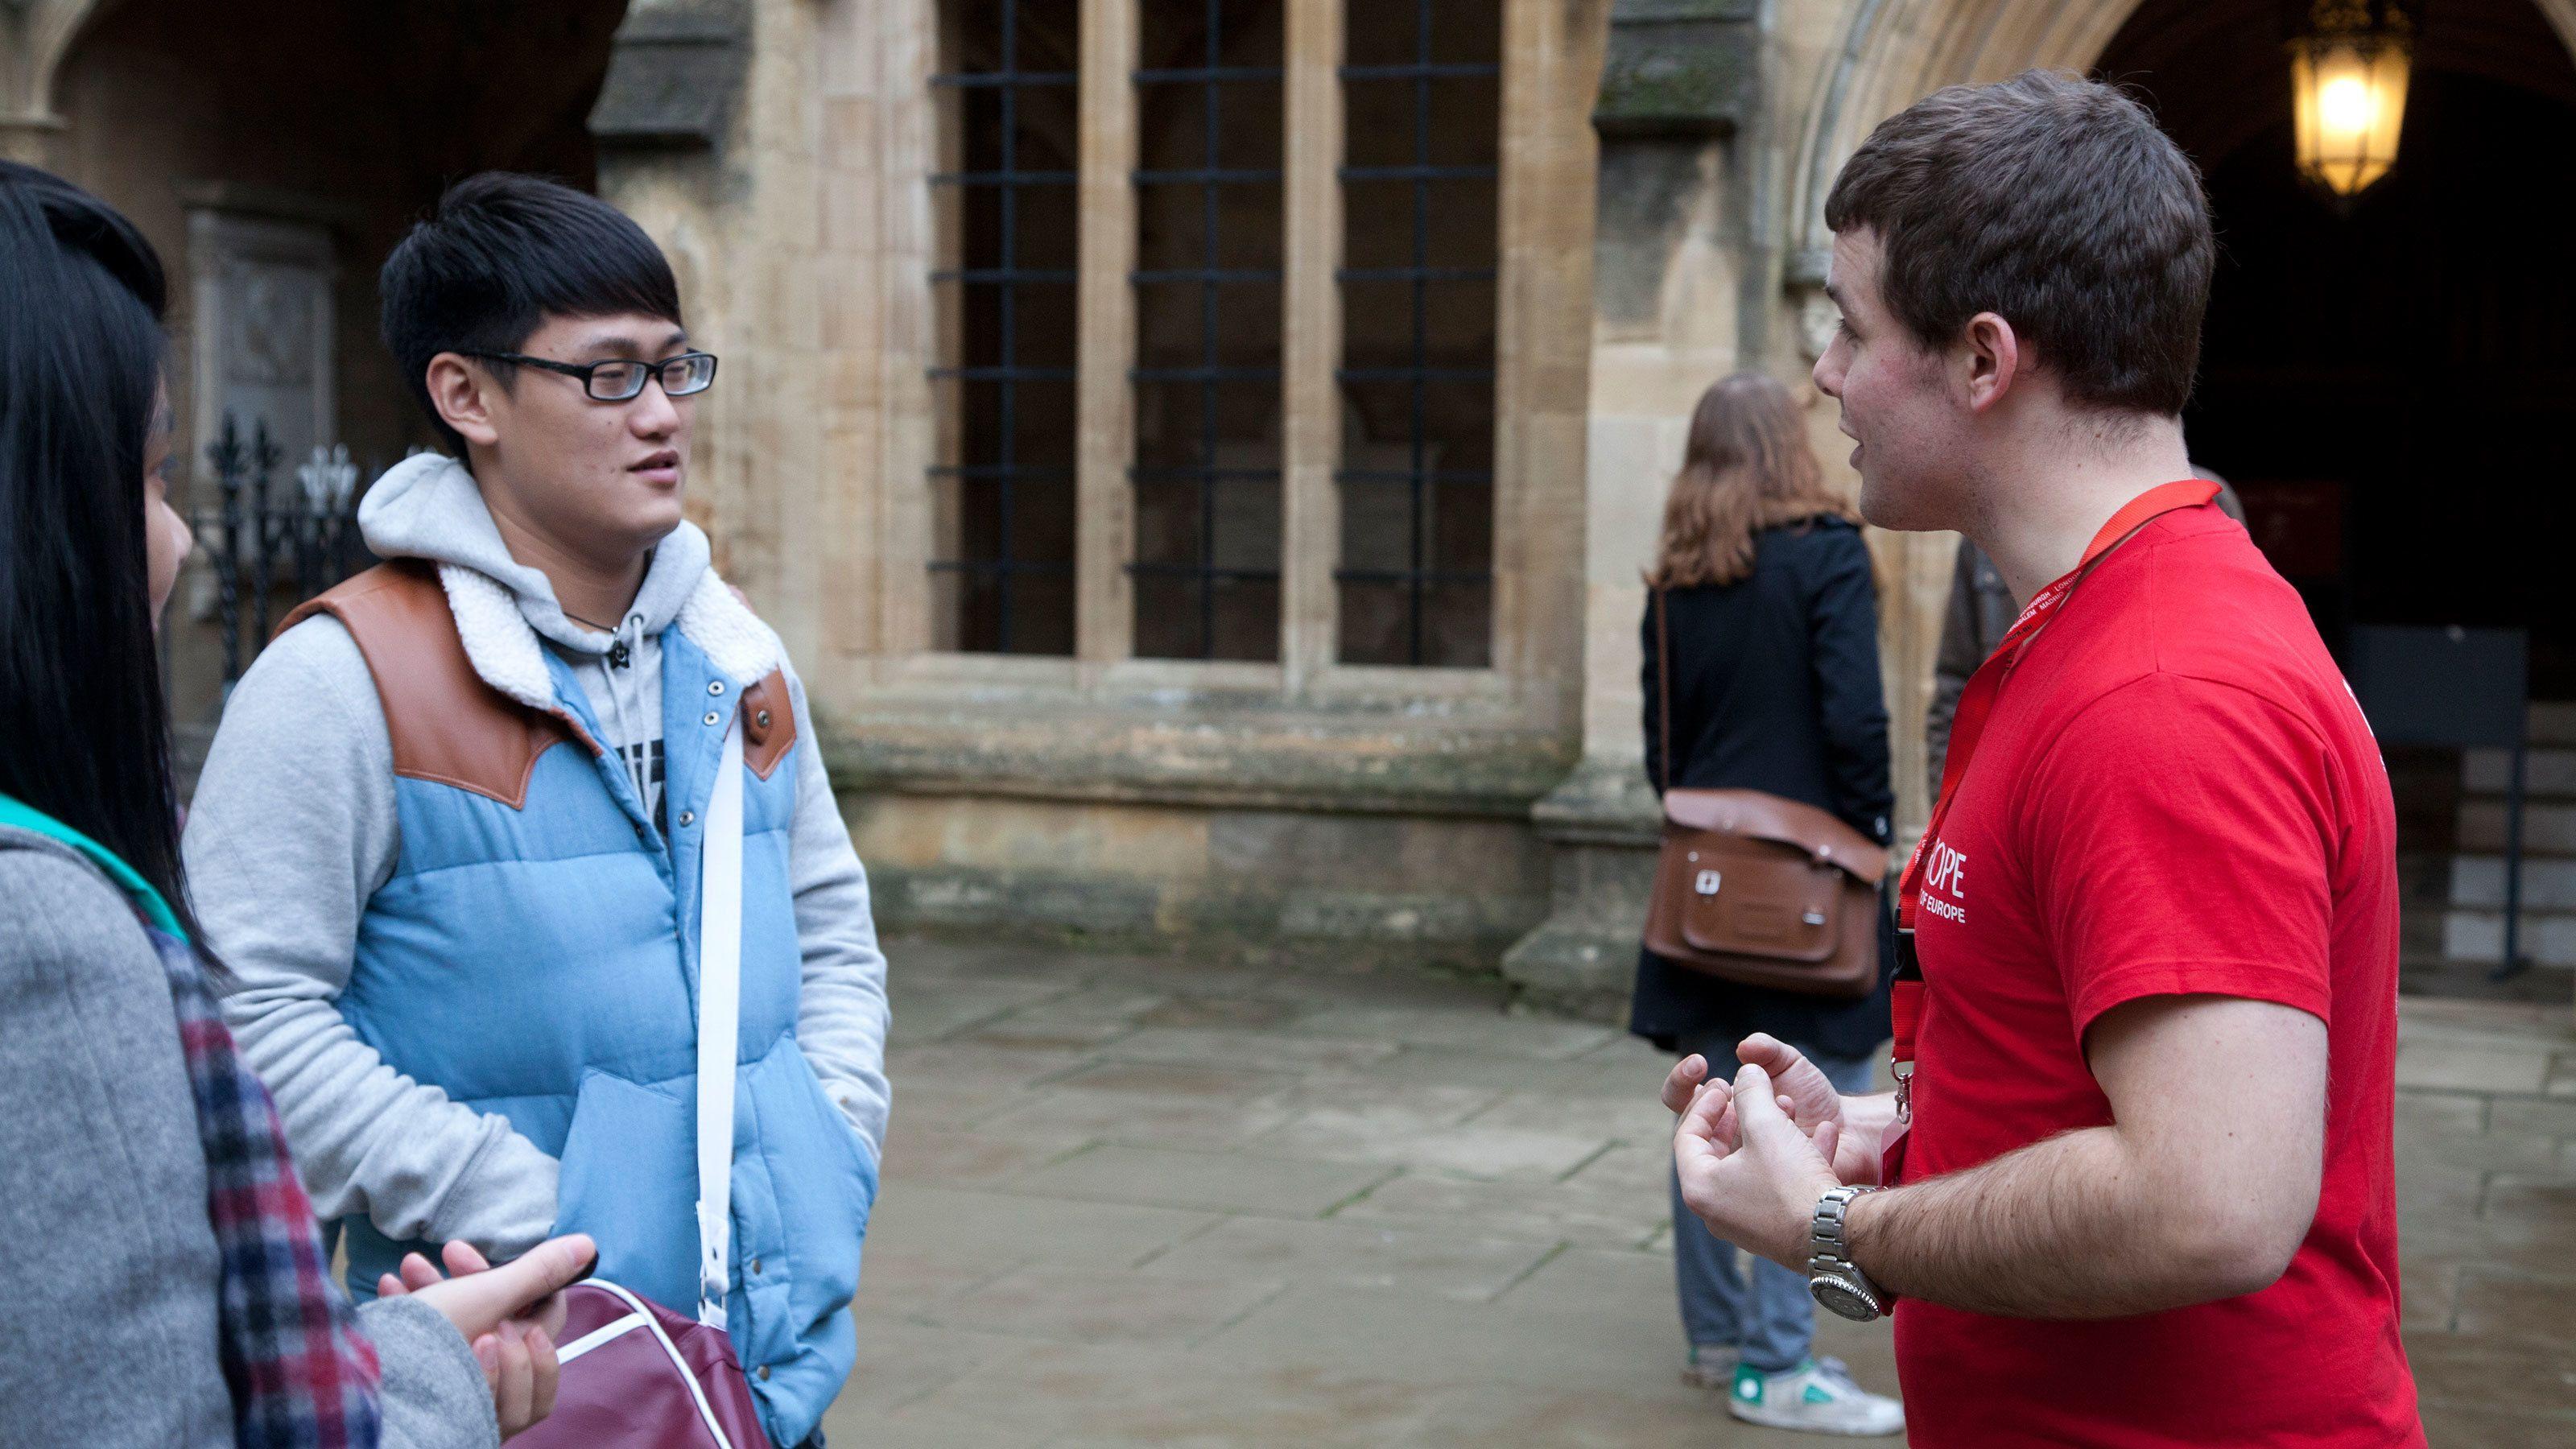 tour guide talking to tourist at Oxford tour